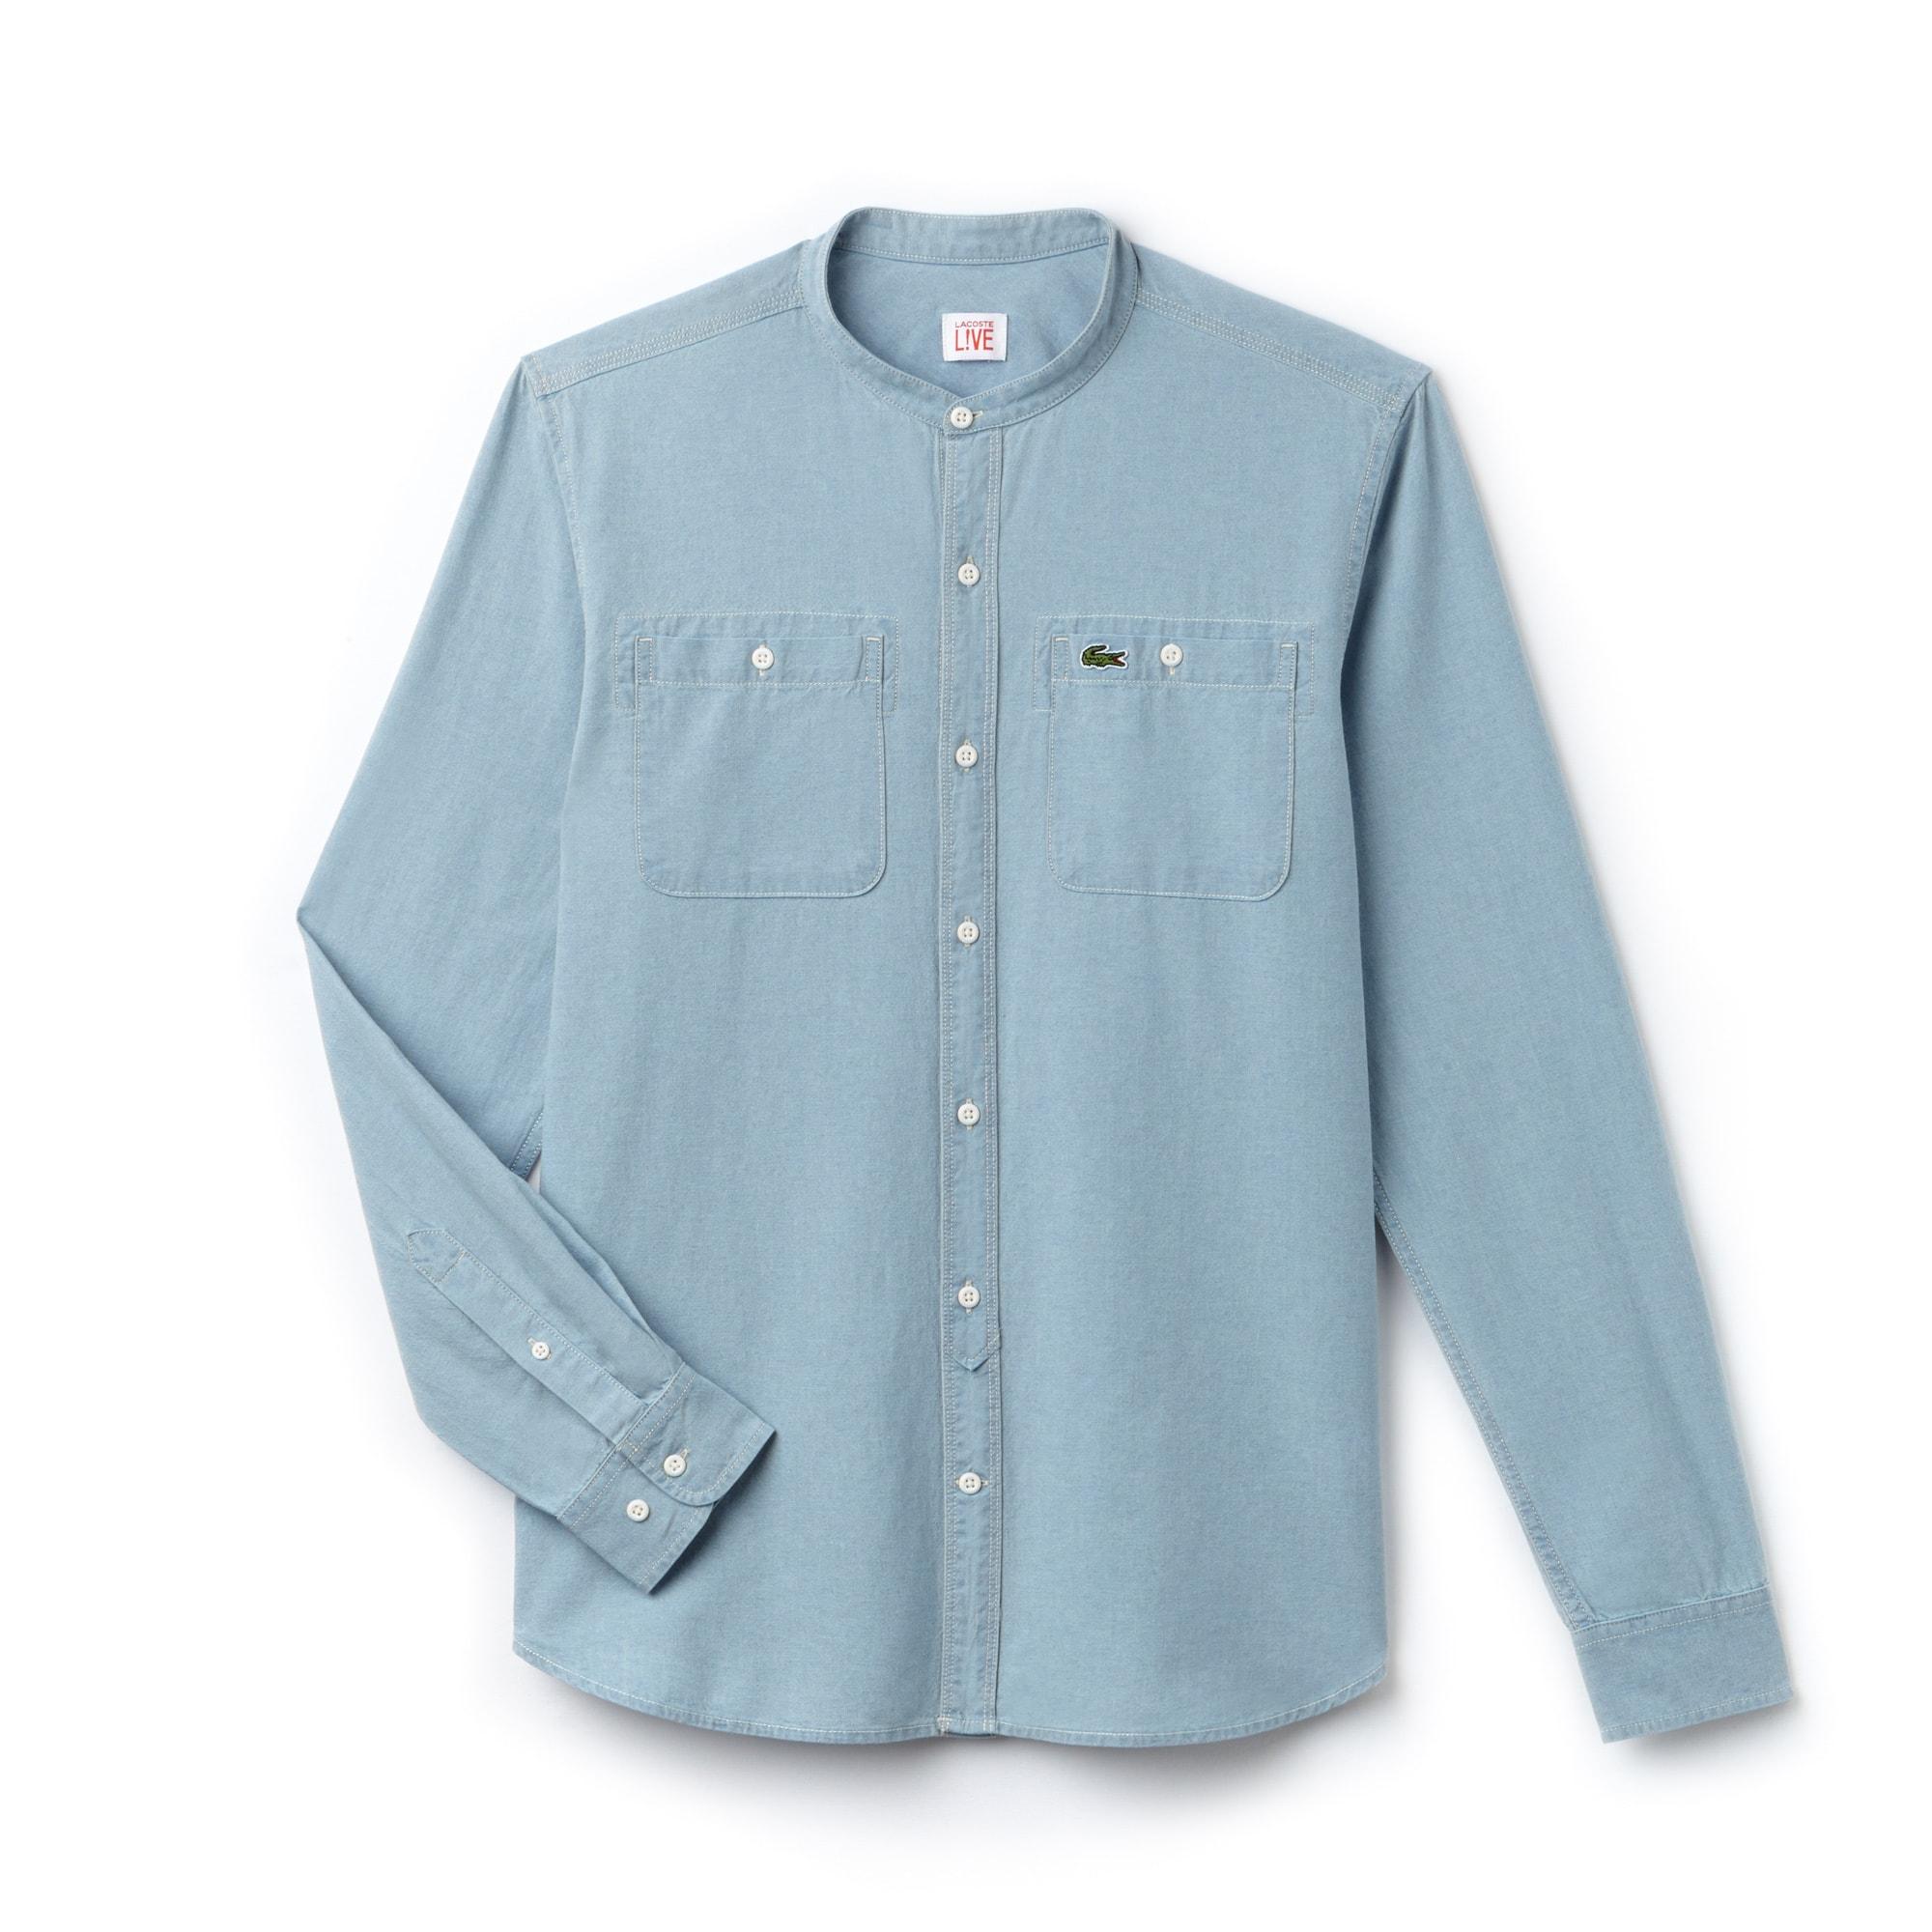 Camicia con collo da ufficiale Skinny fit Lacoste LIVE in chambray di cotone tinta unita